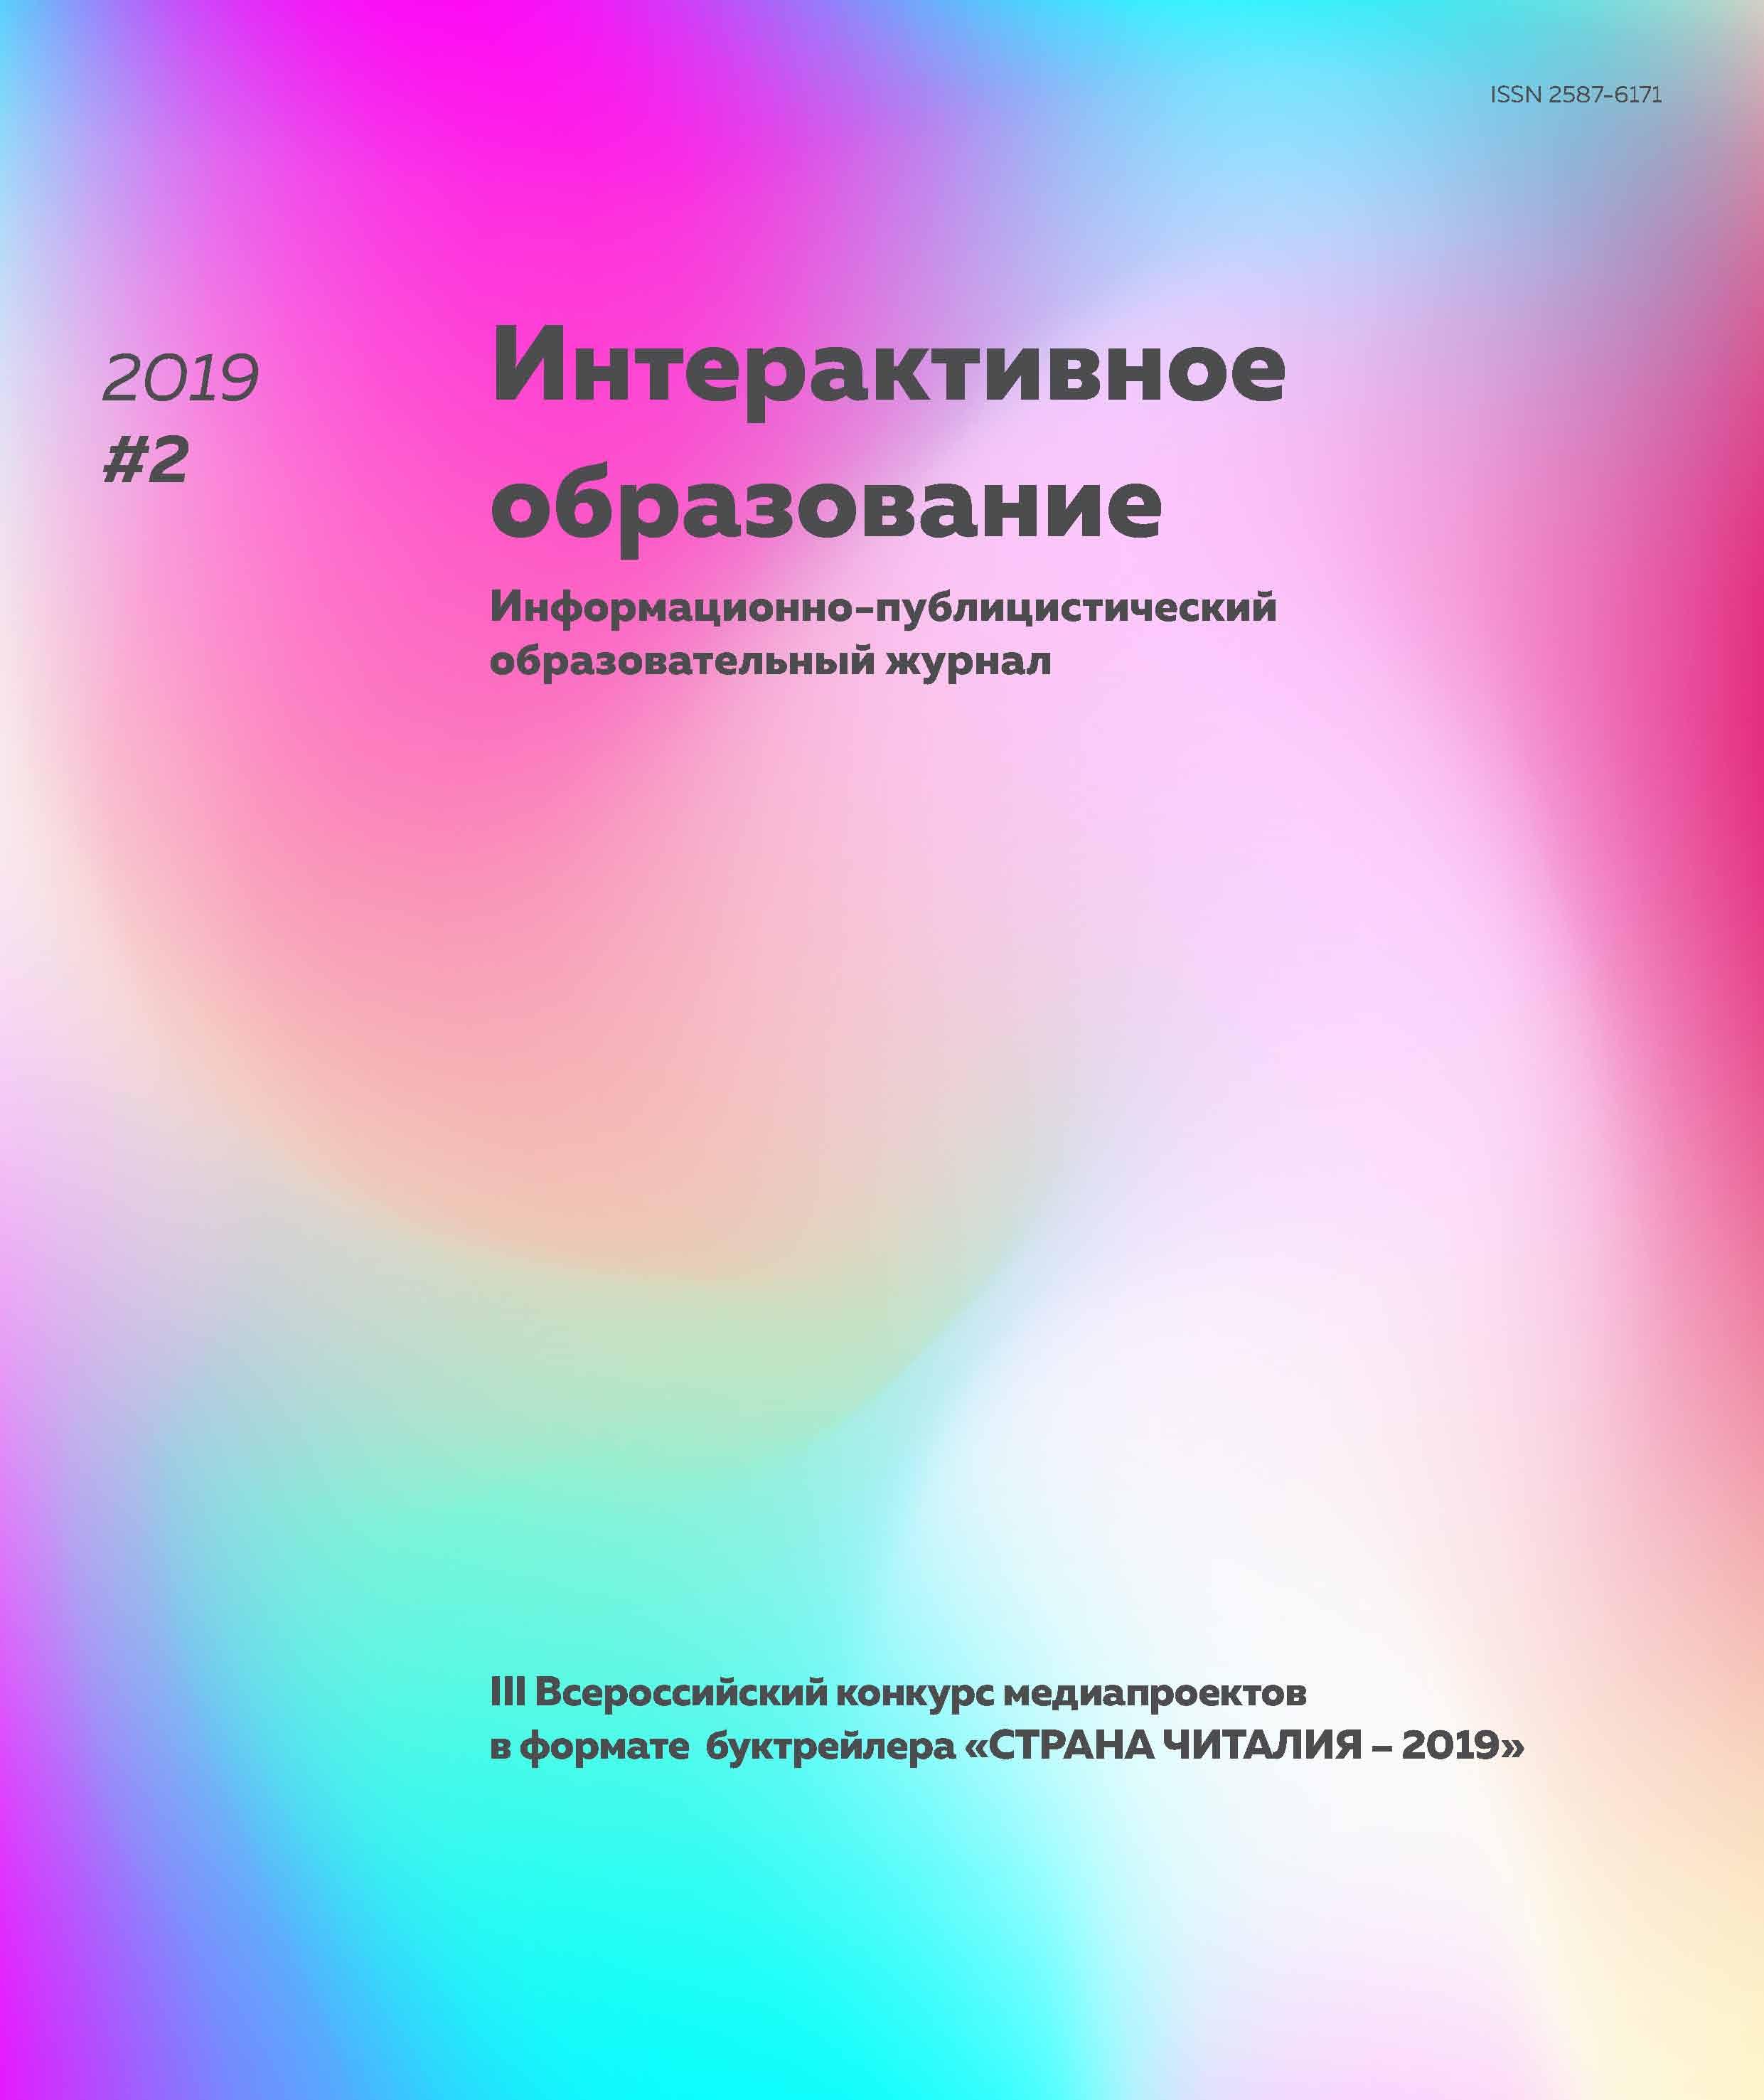 Интерактивное образование № 2 2019 г.